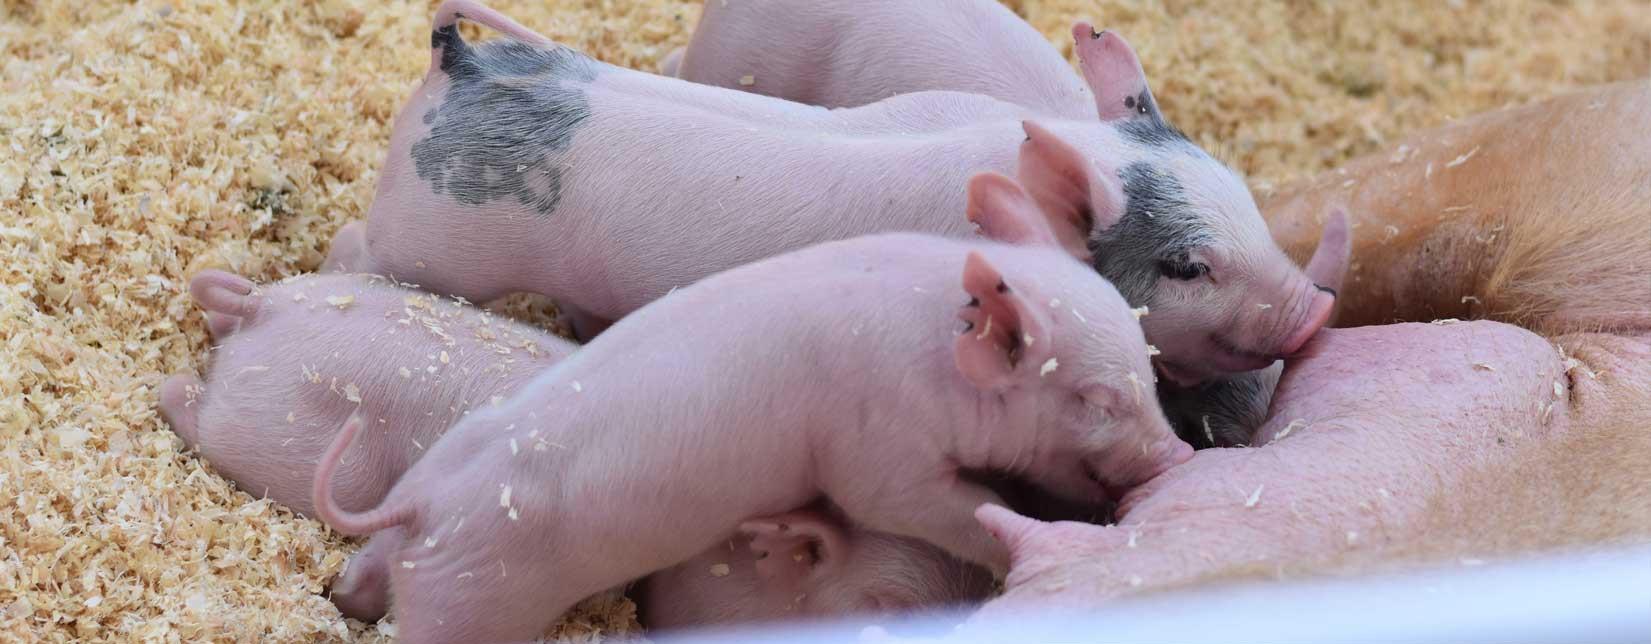 Leading european supplier of livestock equipment for pig housing